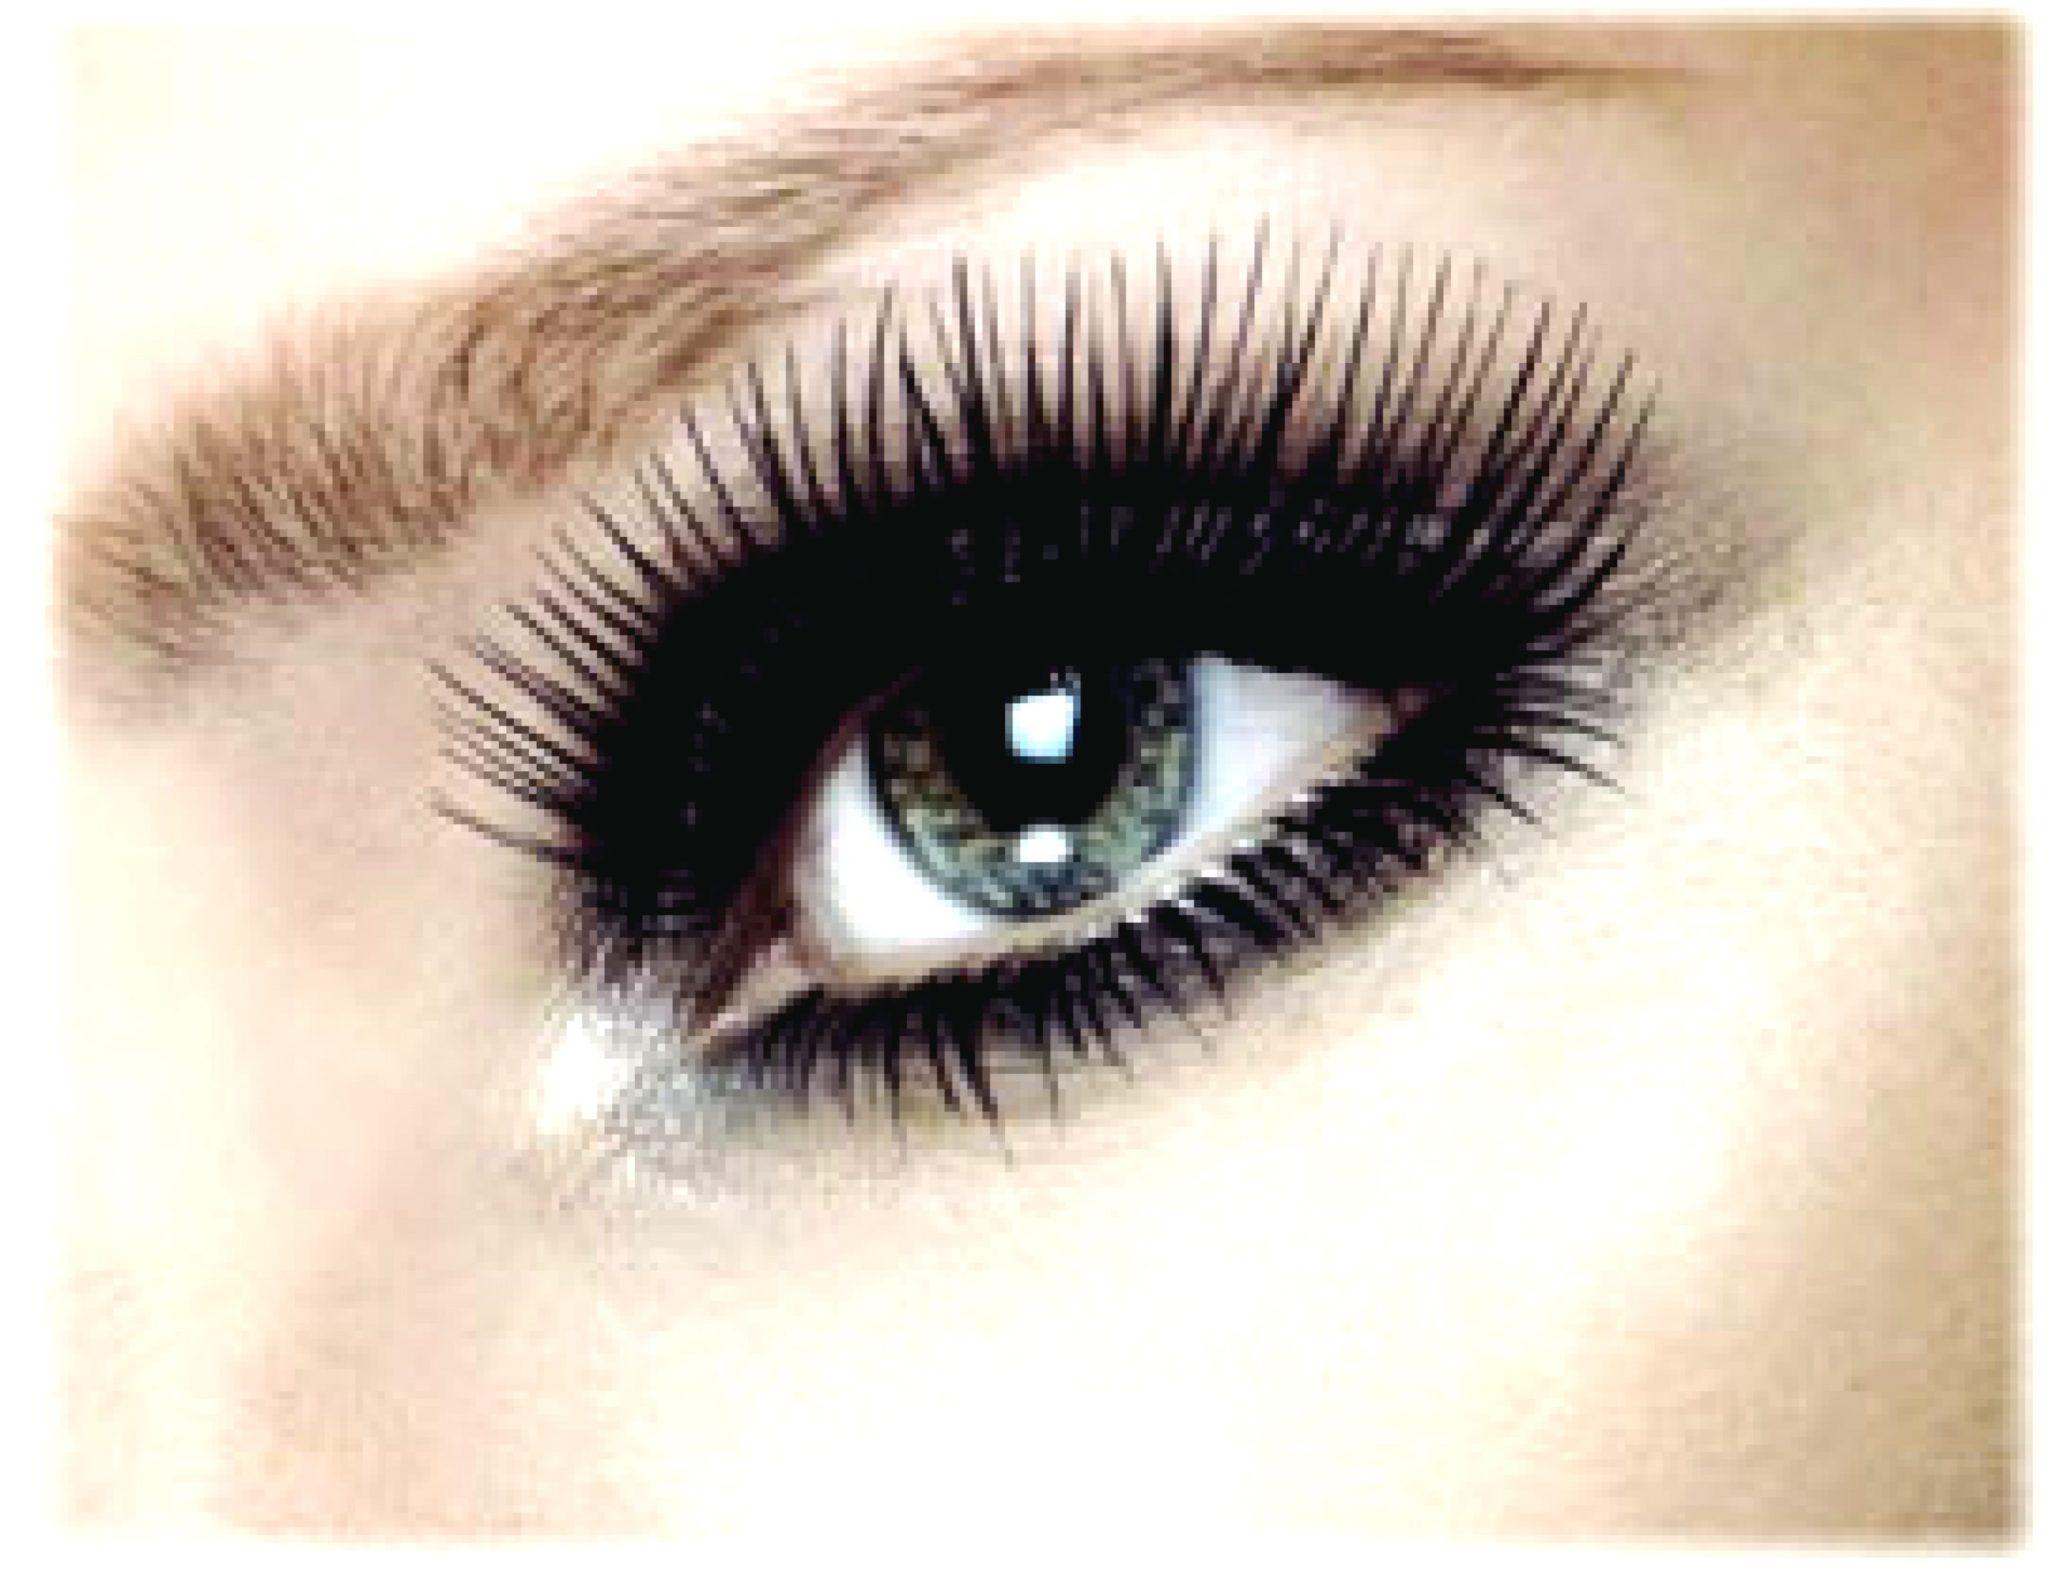 Dumanlı Göz Makyajı Teknikleri Nelerdir